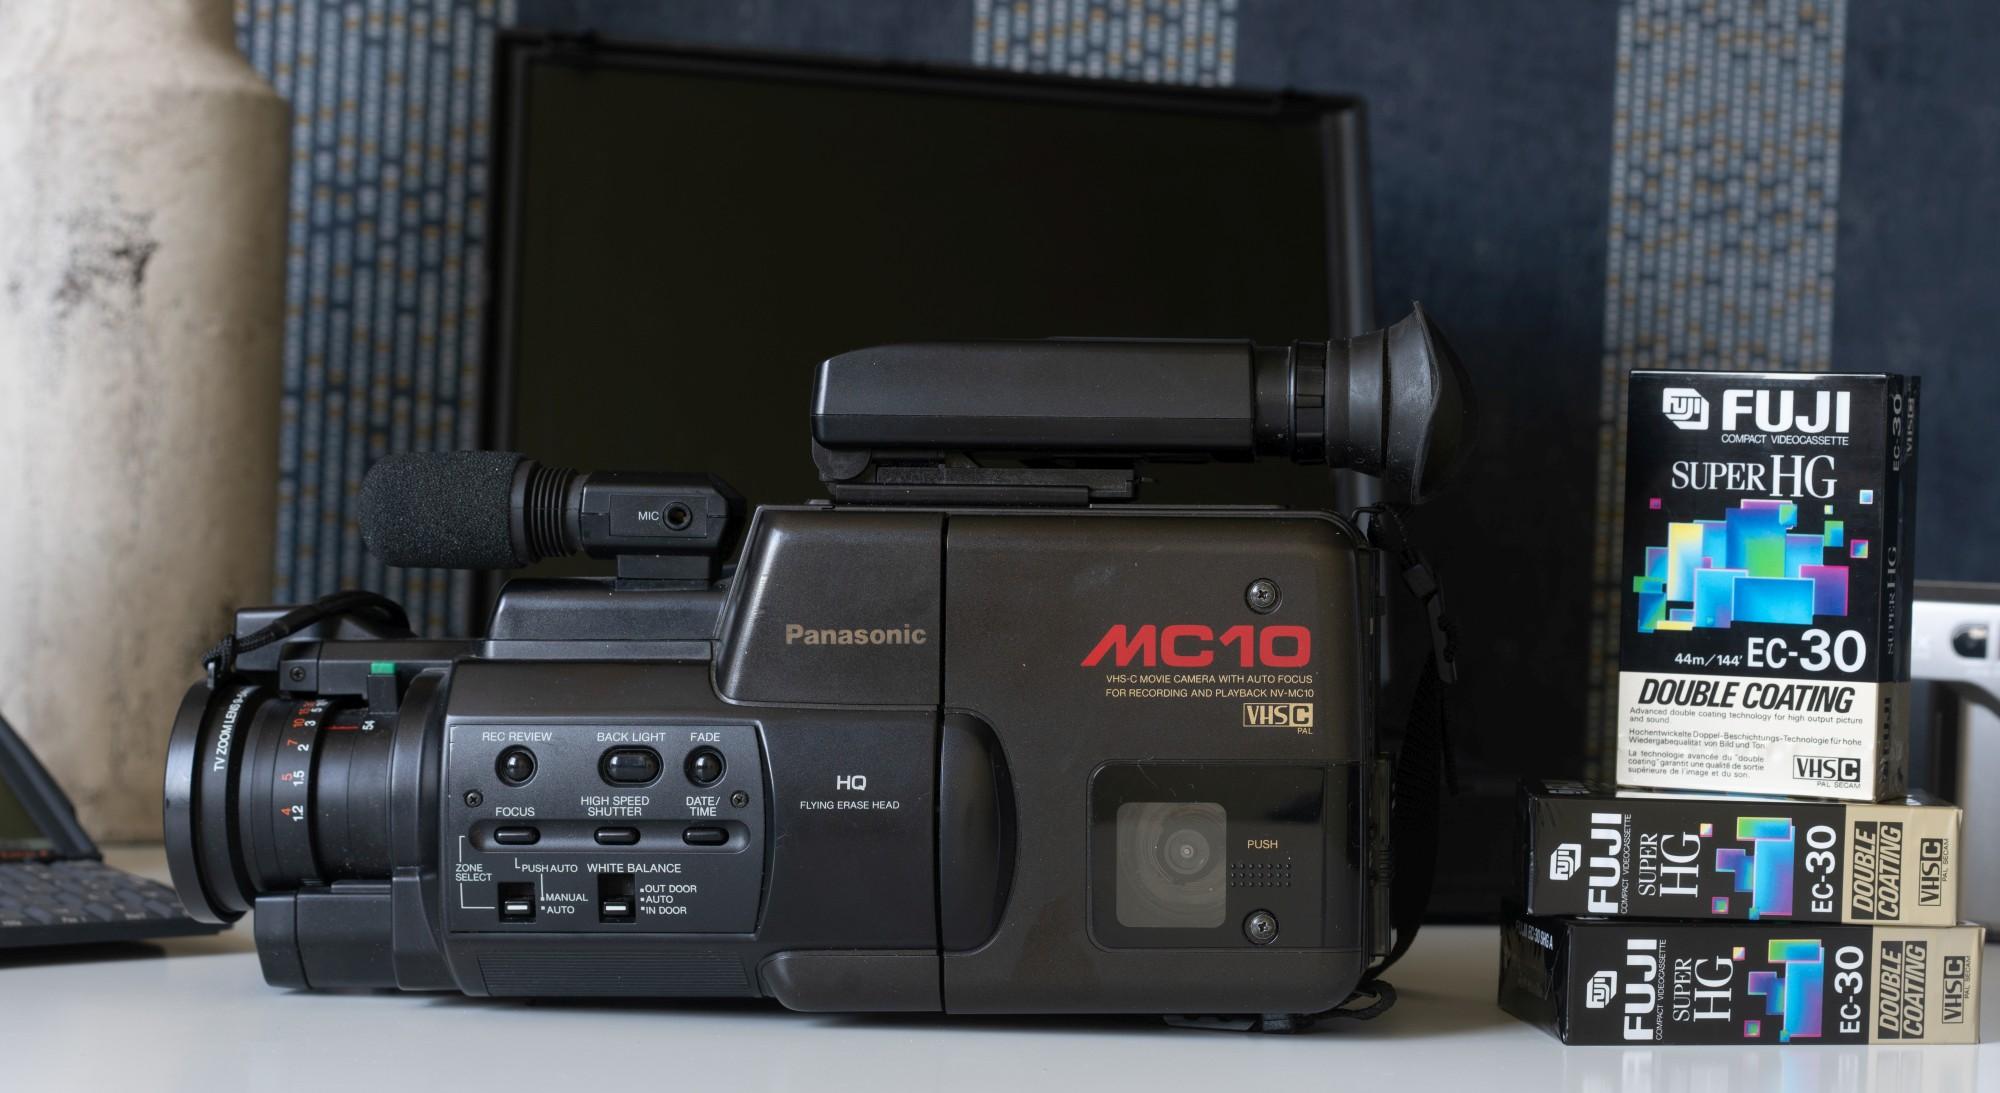 Древности: удаленная работа на устройствах 1998 года - 25